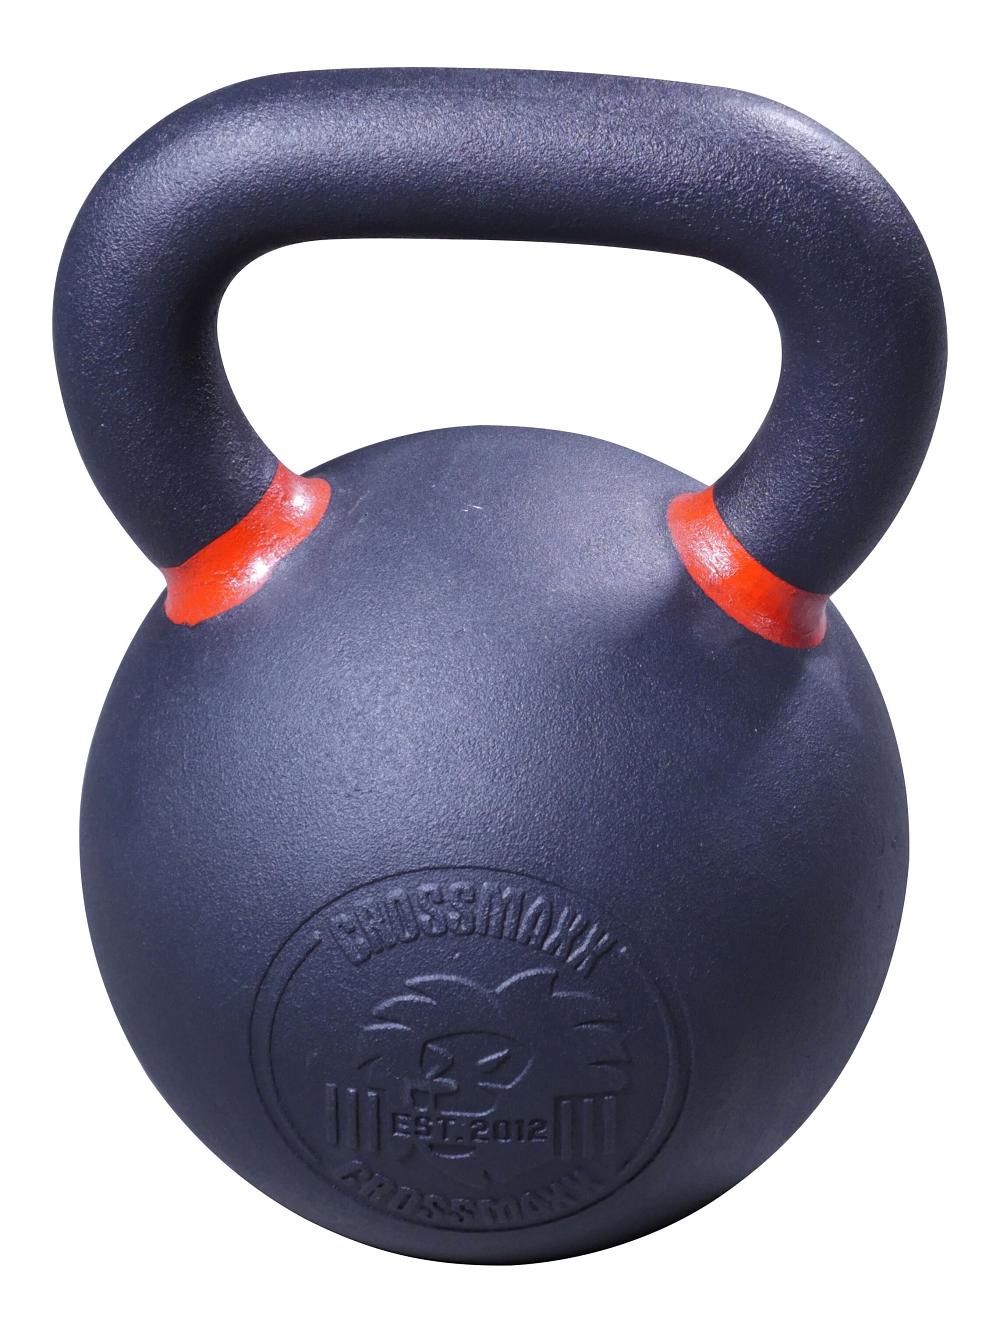 Lifemaxx Crossmaxx Kettlebell - Gietijzer met Poedercoating - 32 kg